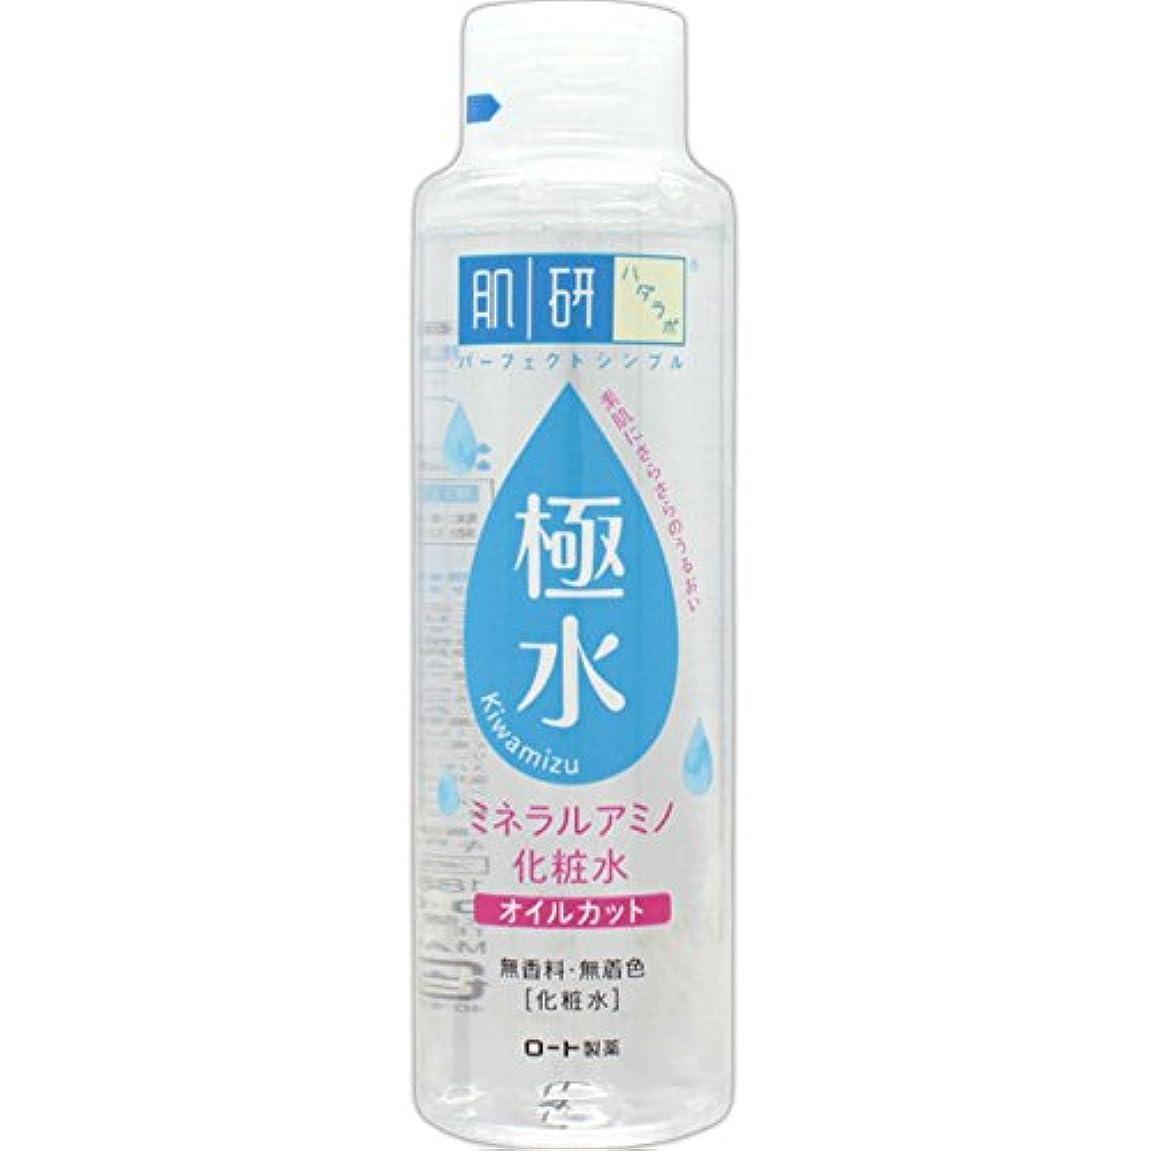 期待して一致パイロット肌研(ハダラボ) 極水 ミネラルアミノ化粧水 180mL